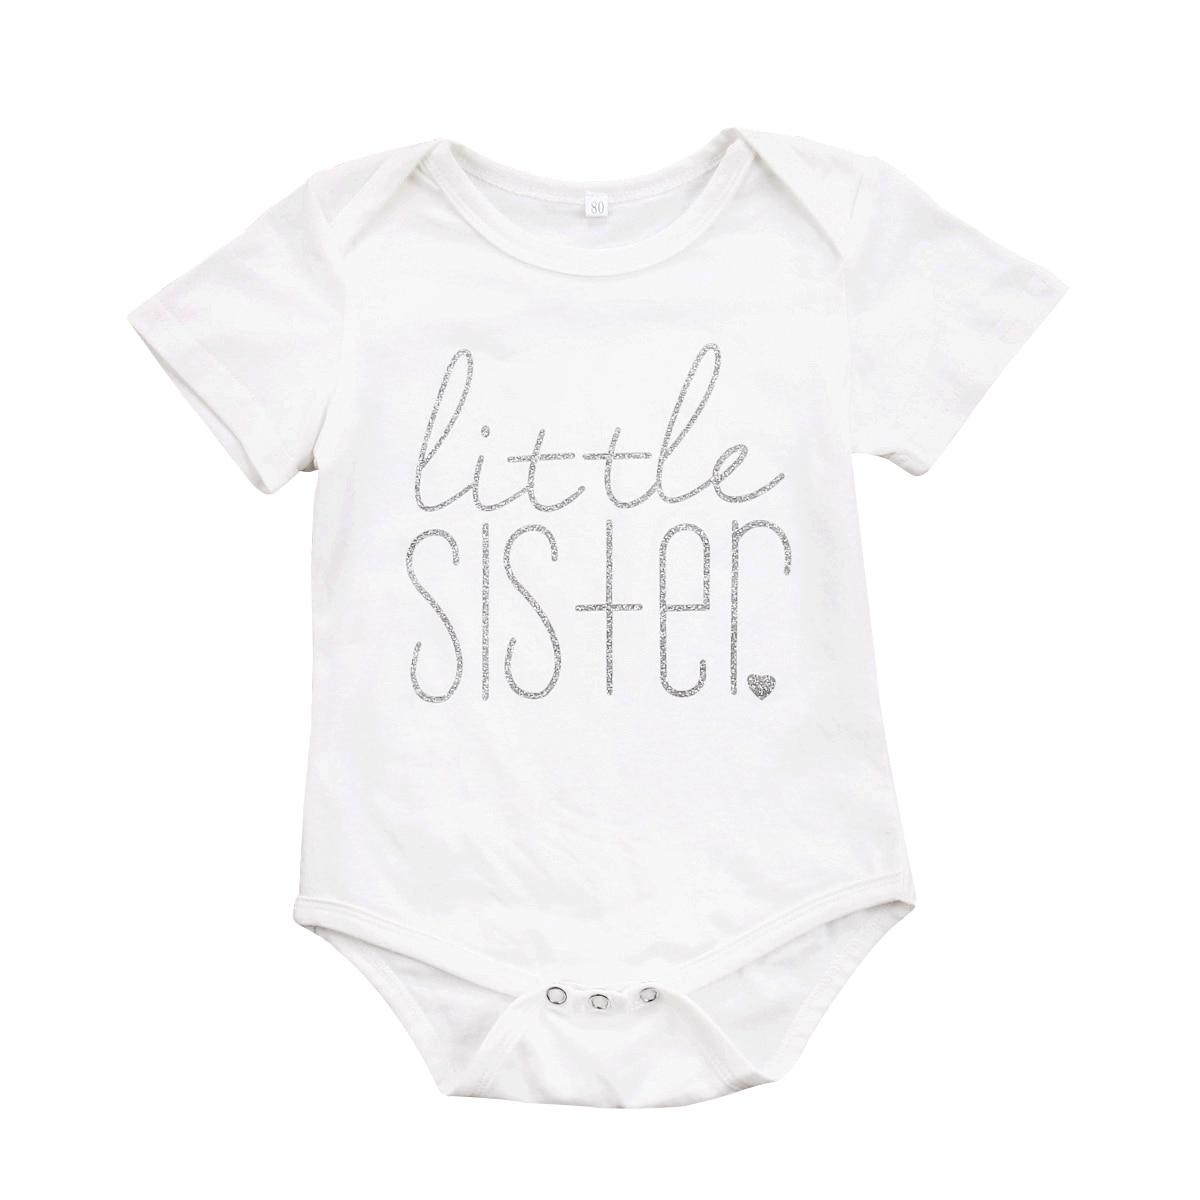 Familie Passenden Baumwolle Kleidung Kleine Schwester T-shirt Big Brother Strampler Outfit Overall Jungen MÄdchen T-shirt Kleidung Reich Und PräChtig